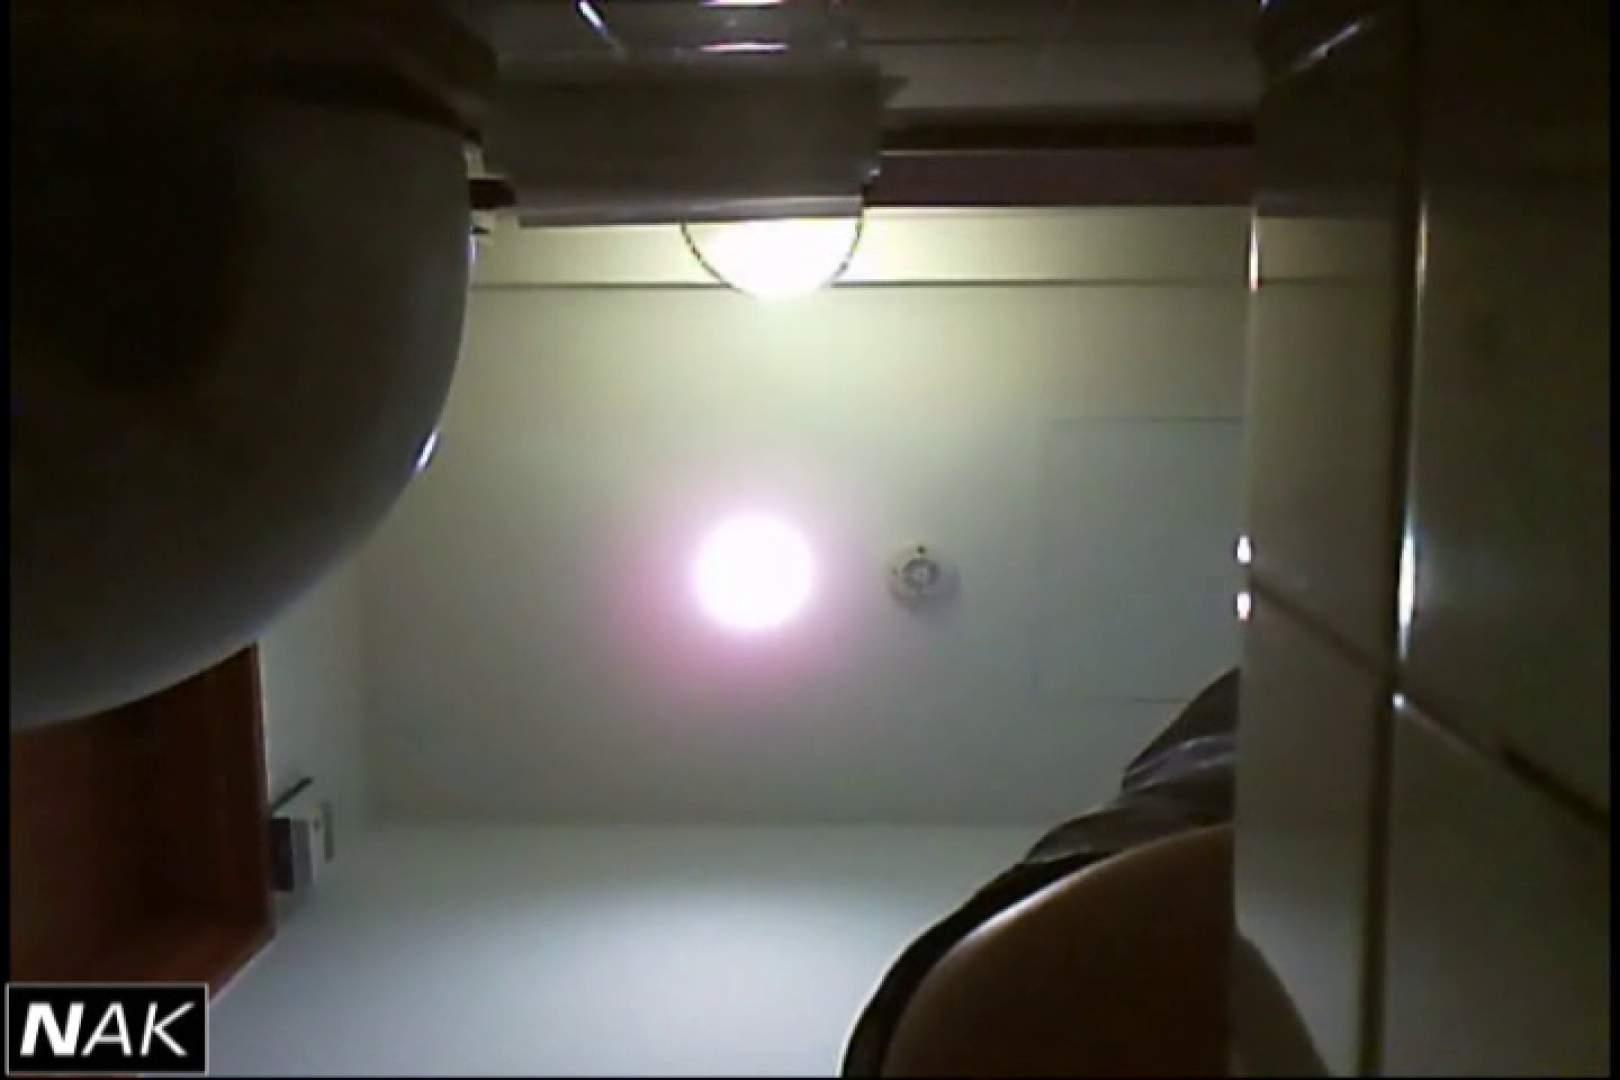 亀さんかわや VIP和式2カメバージョン! vol.14 和式 おめこ無修正動画無料 100pic 26